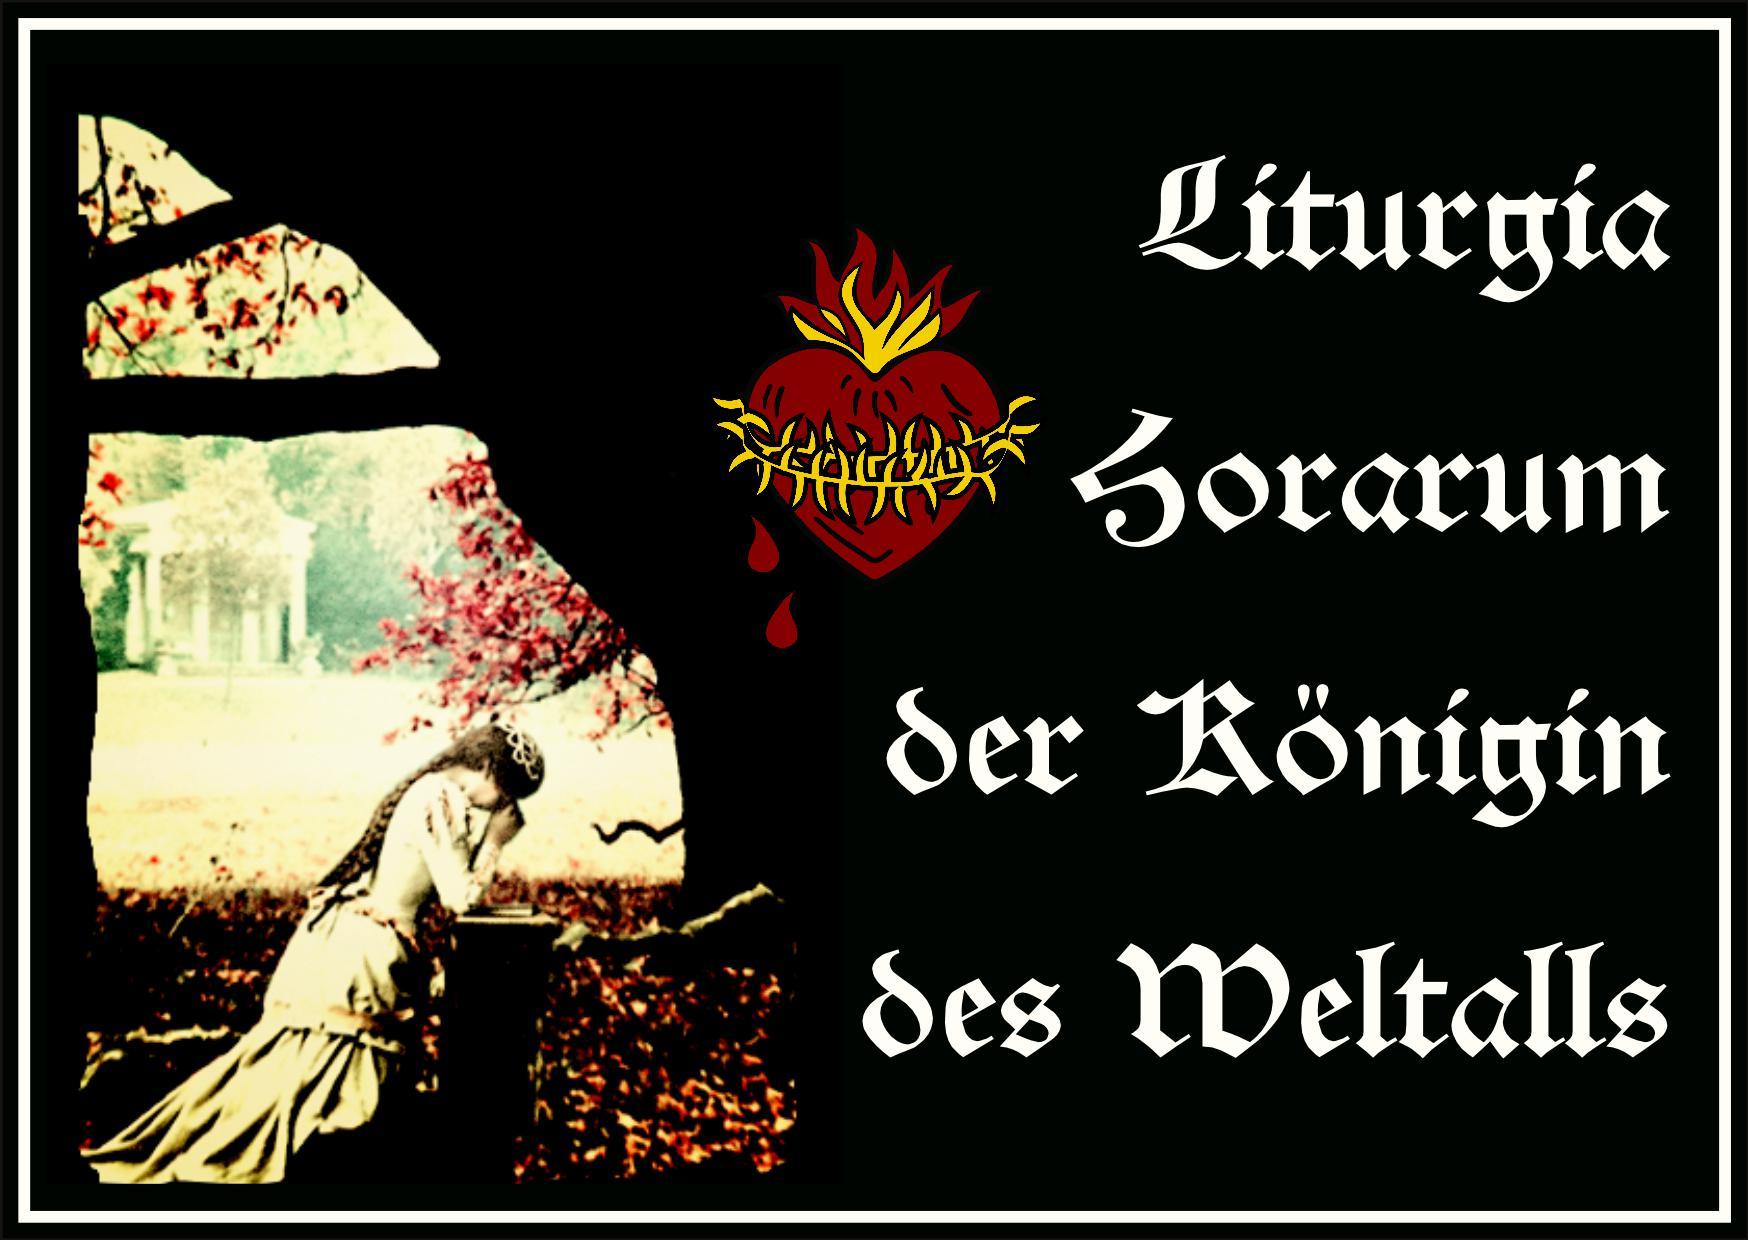 Liturgia-Horarum_Titel